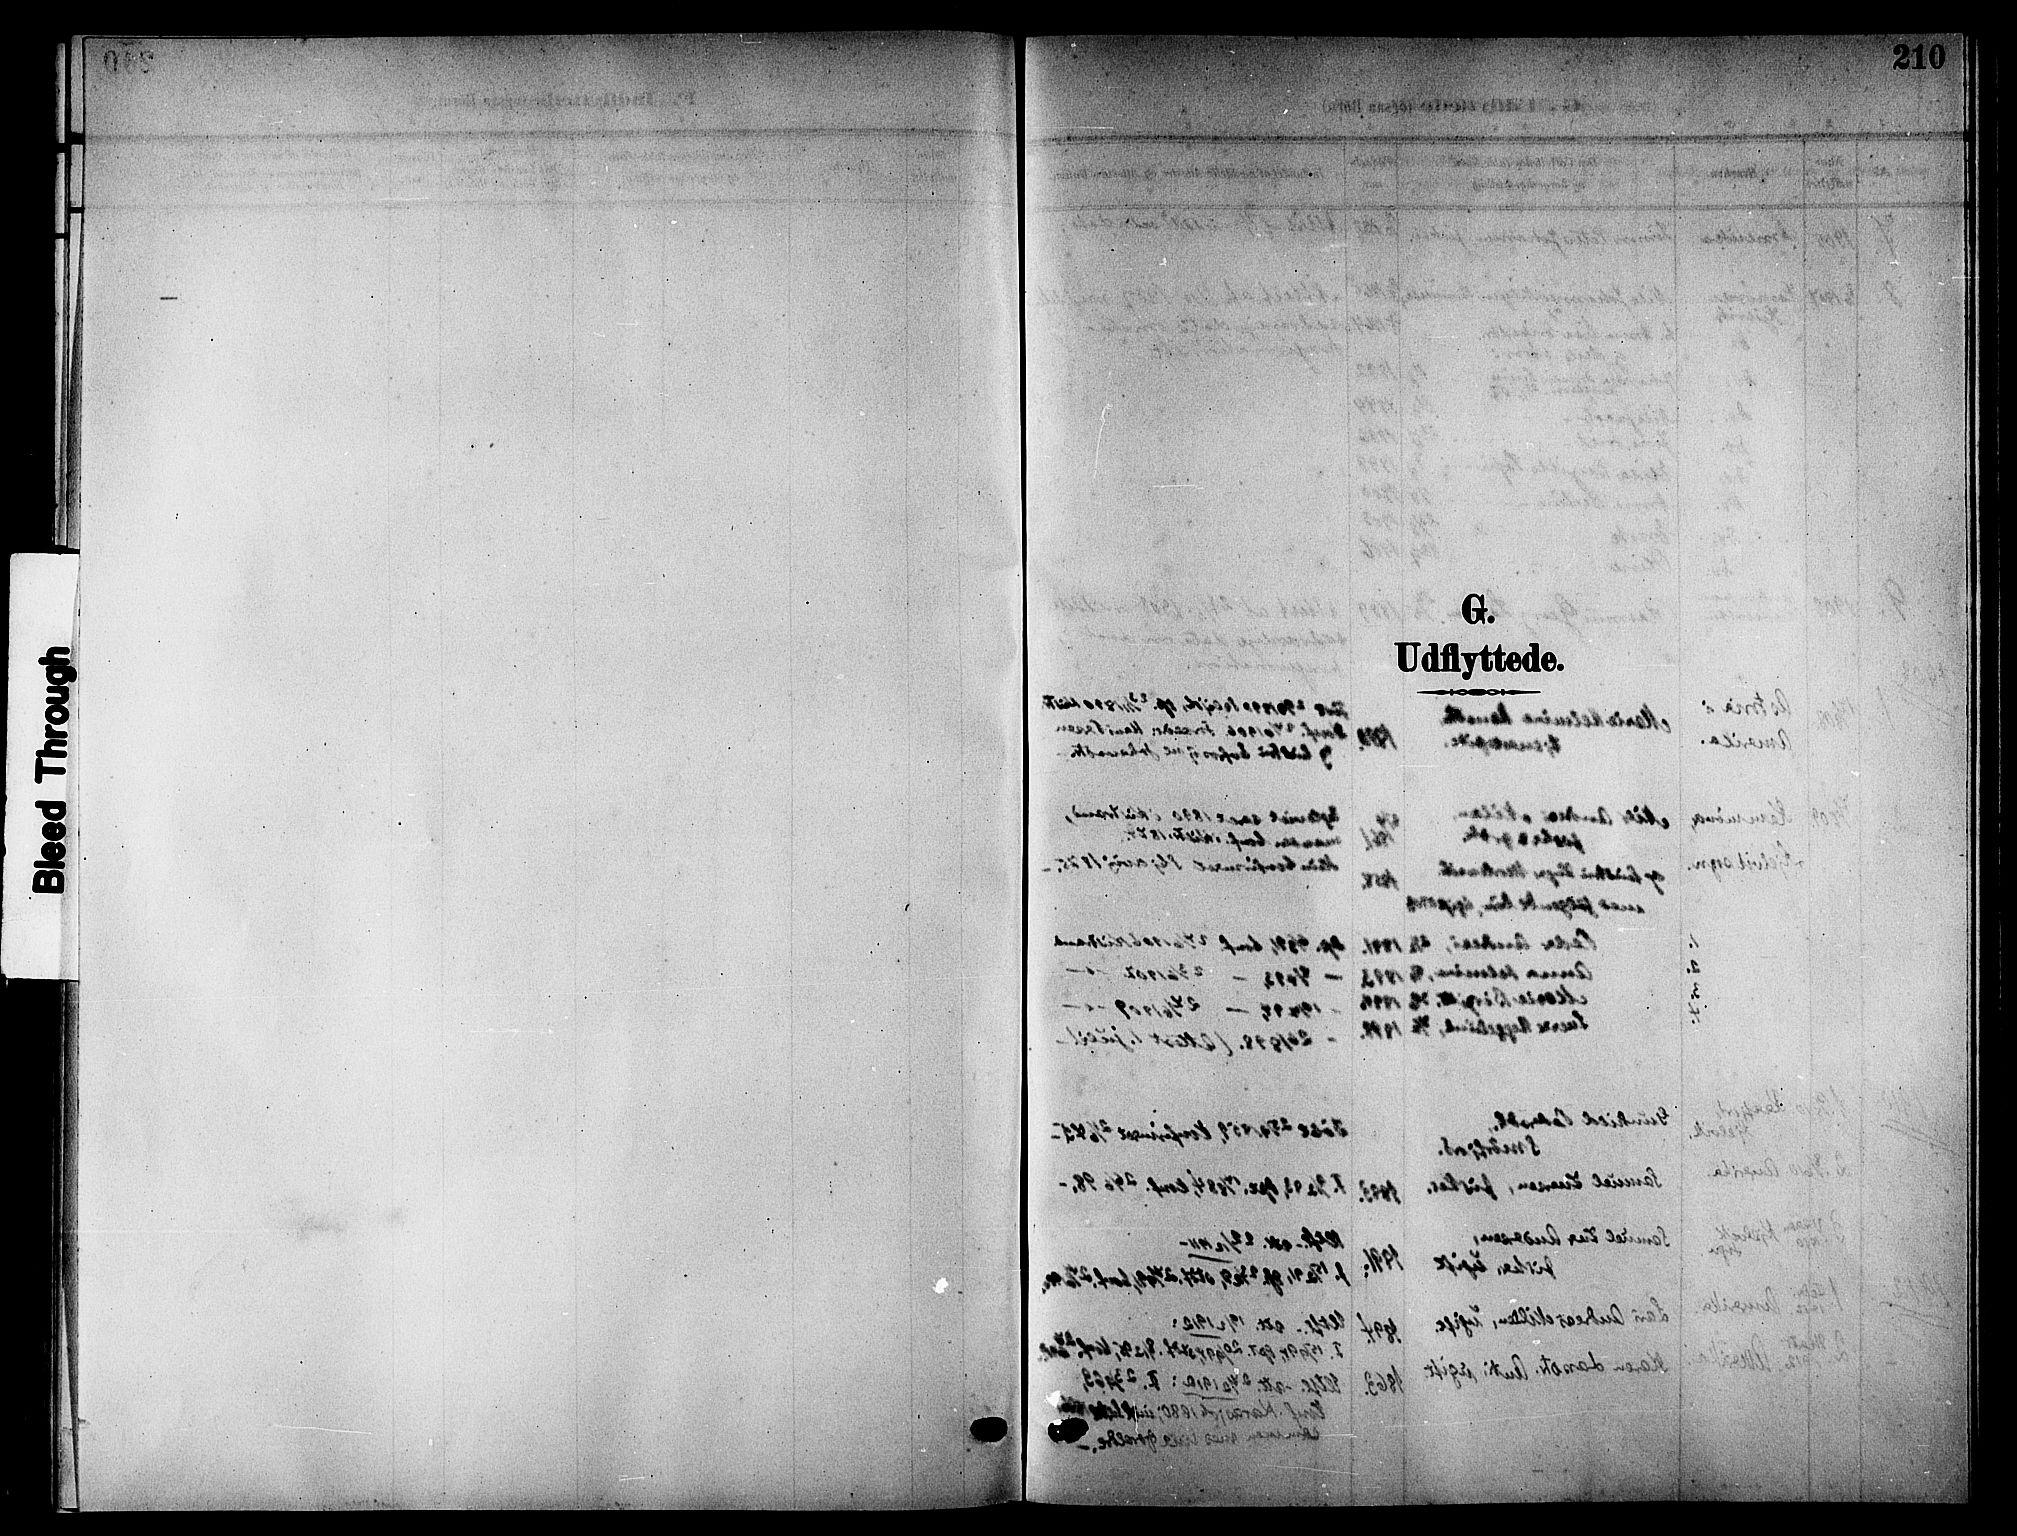 SATØ, Kistrand/Porsanger sokneprestembete, H/Hb/L0006.klokk: Klokkerbok nr. 6, 1905-1917, s. 210